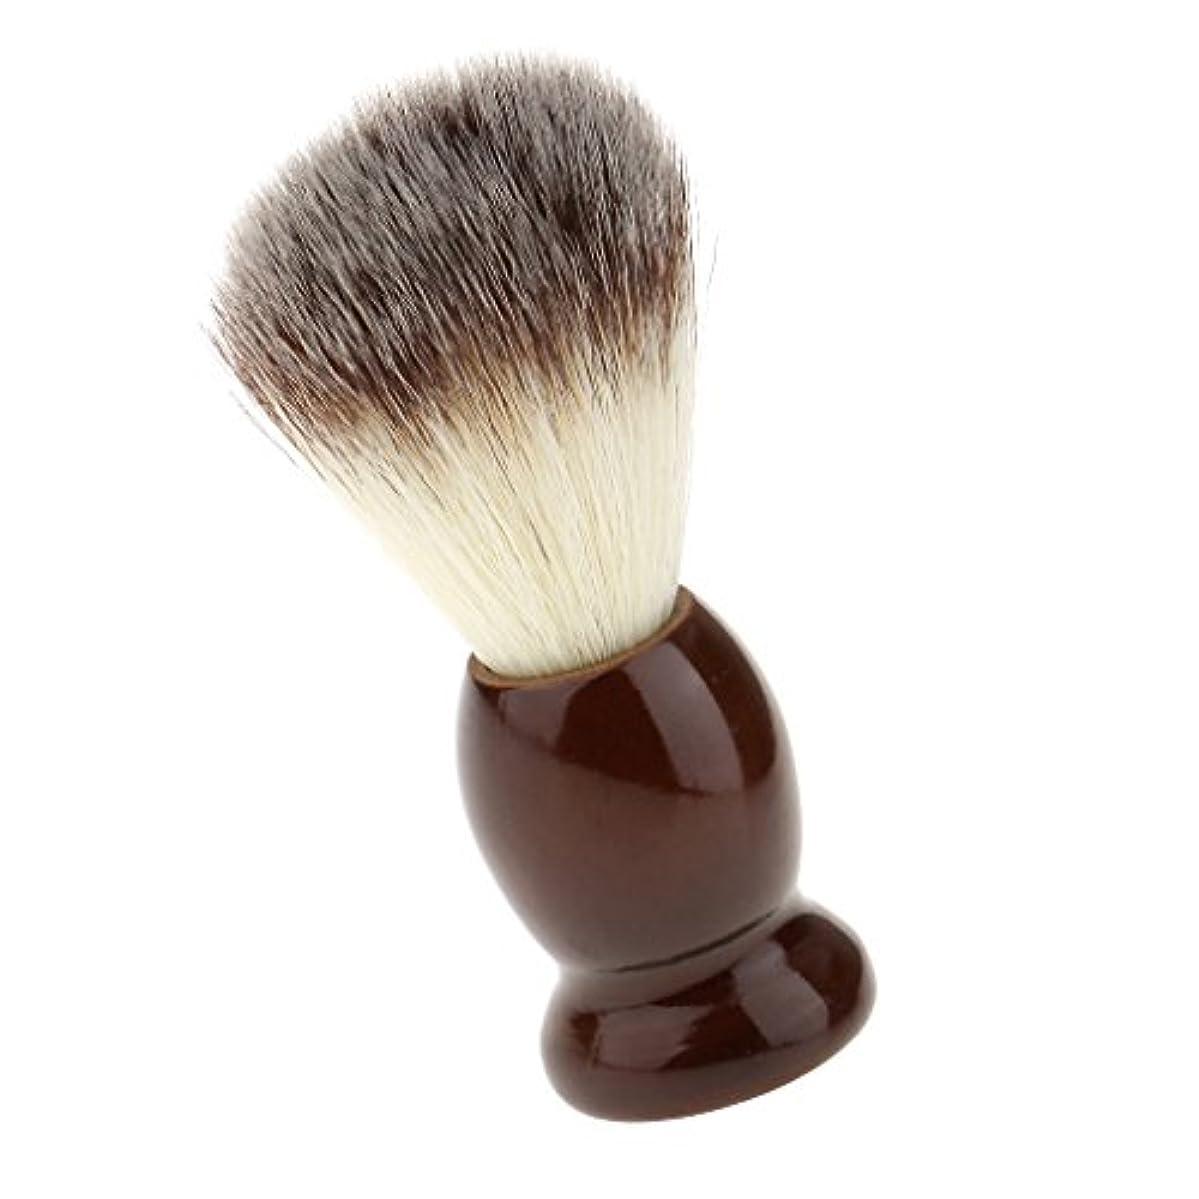 アイロニー最近衛星SONONIA ナイロン製 シェービングブラシ サロン 柔らかい 髭剃り 洗顔 理容   便携 10.5cm  ブラウン